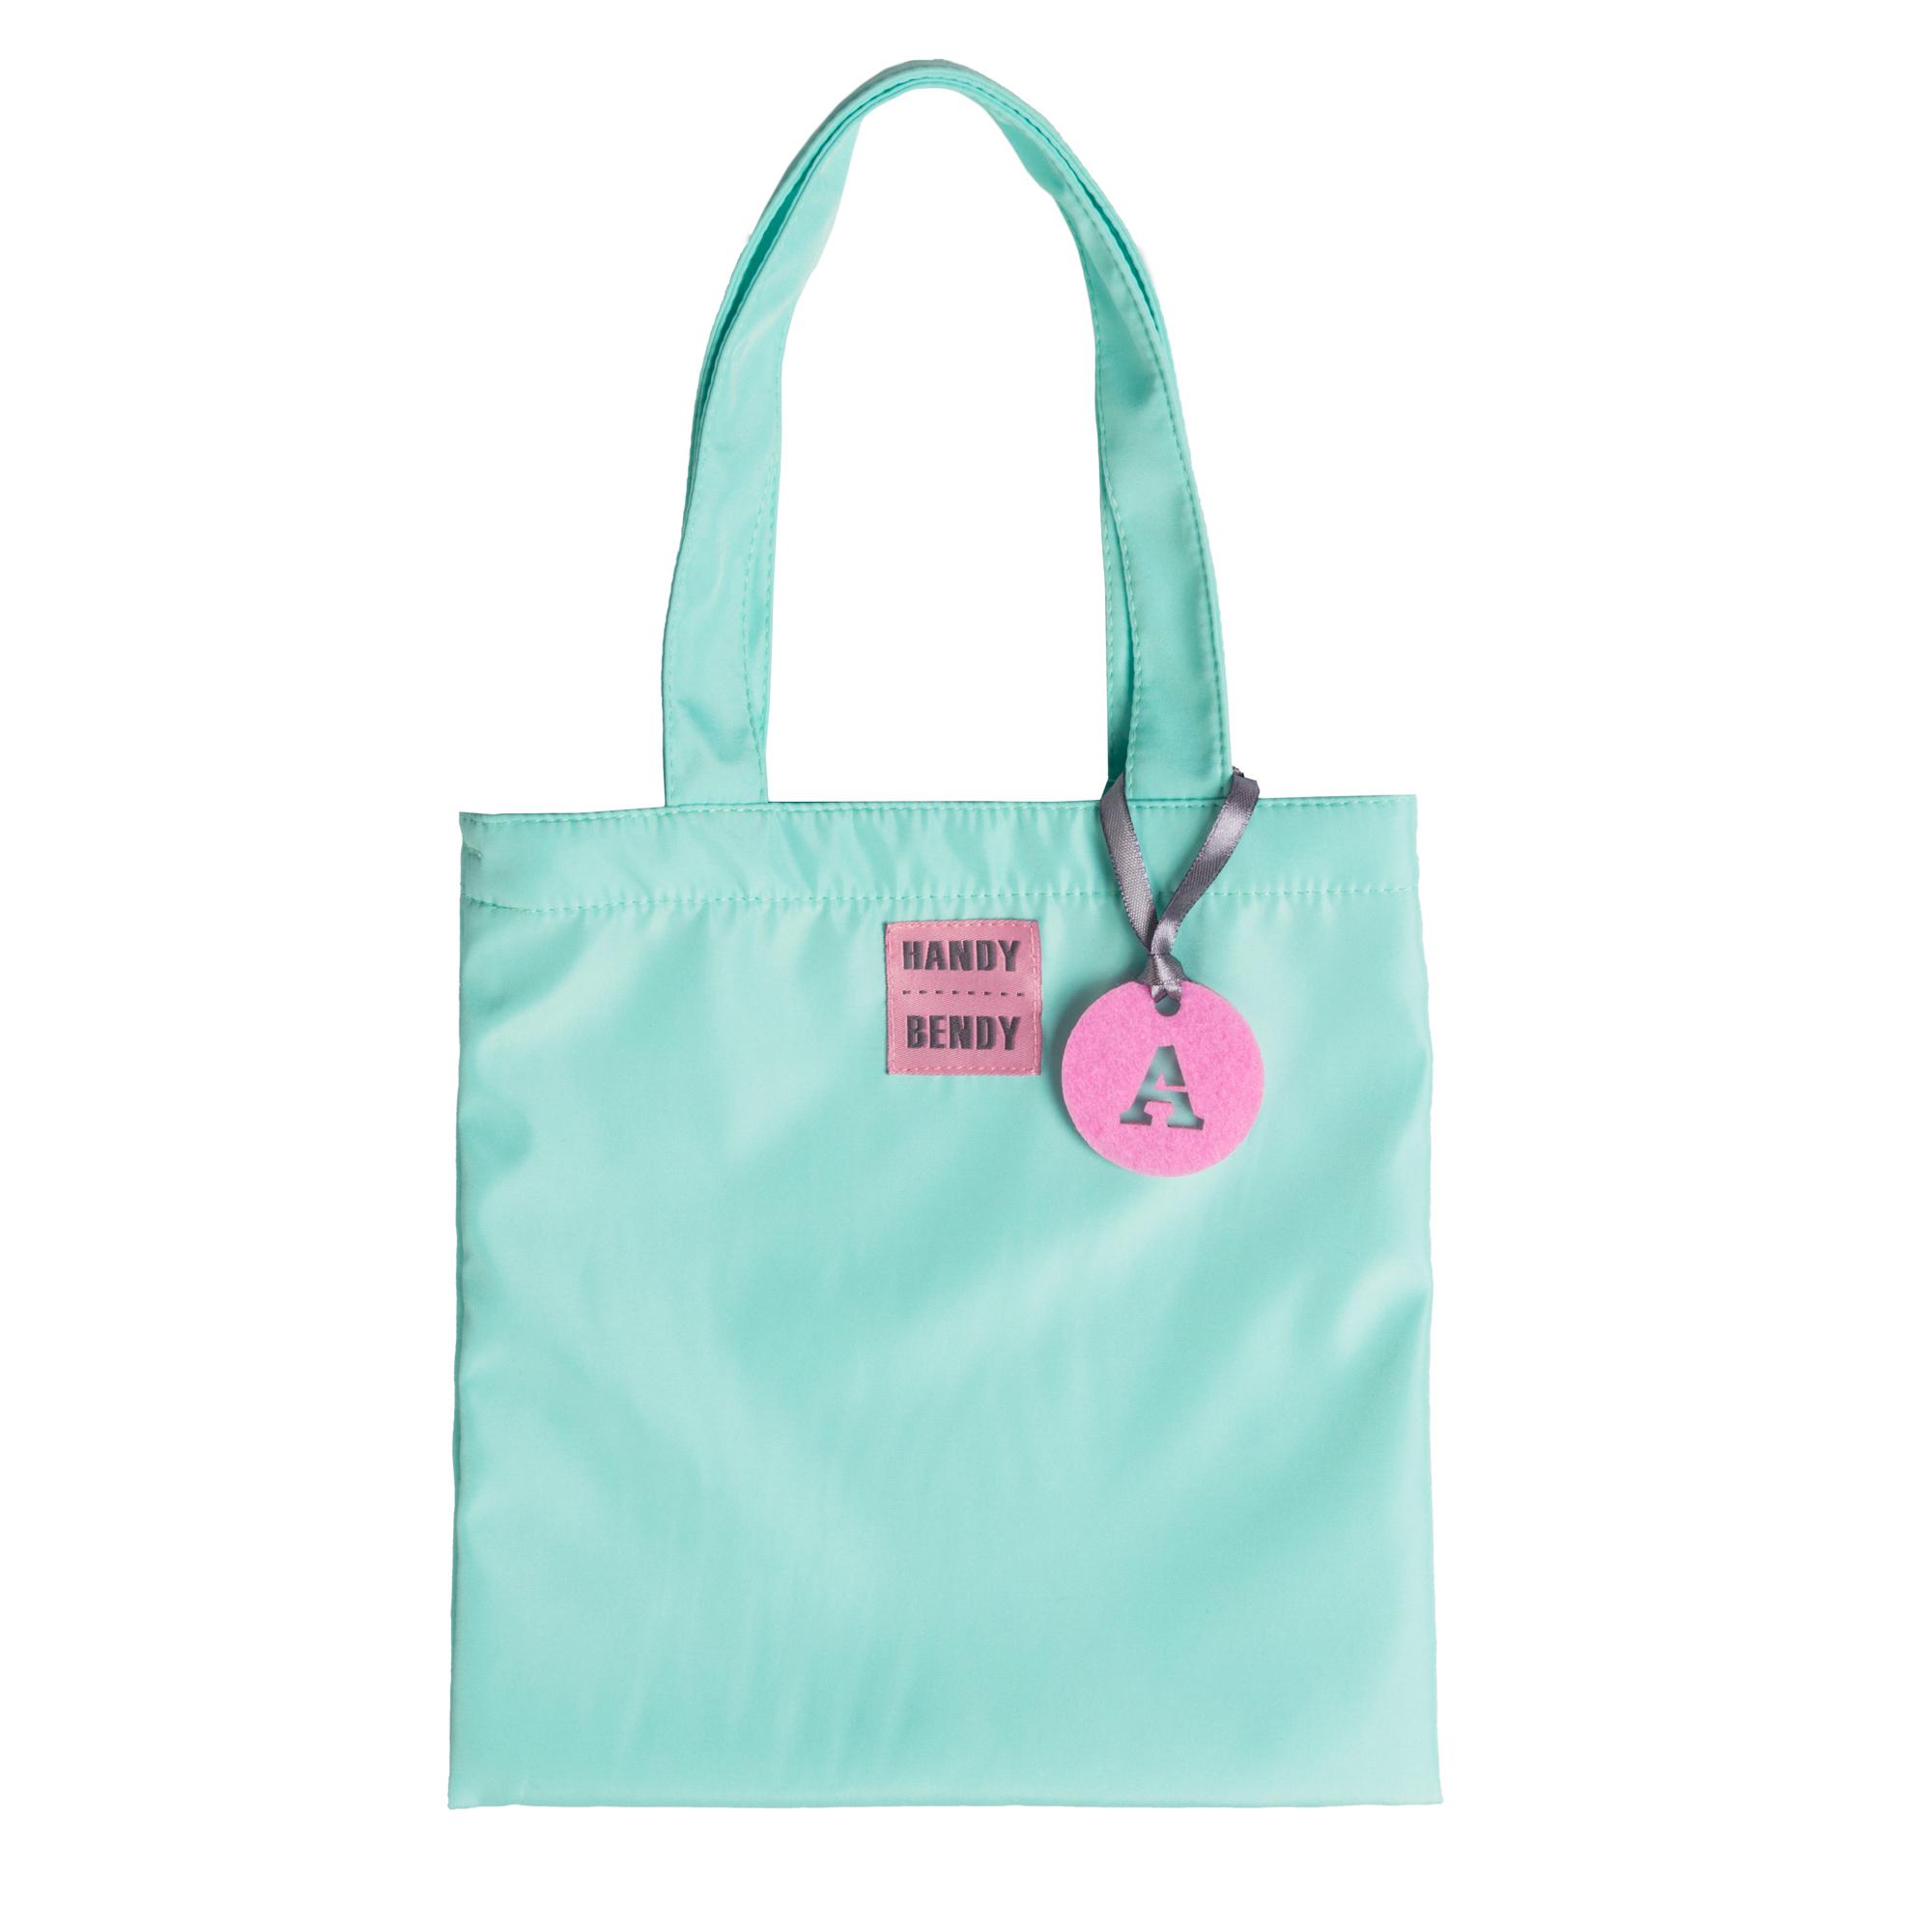 Маленькая сумка Handy Bendy со съемной ручкой и медальоном, мятный